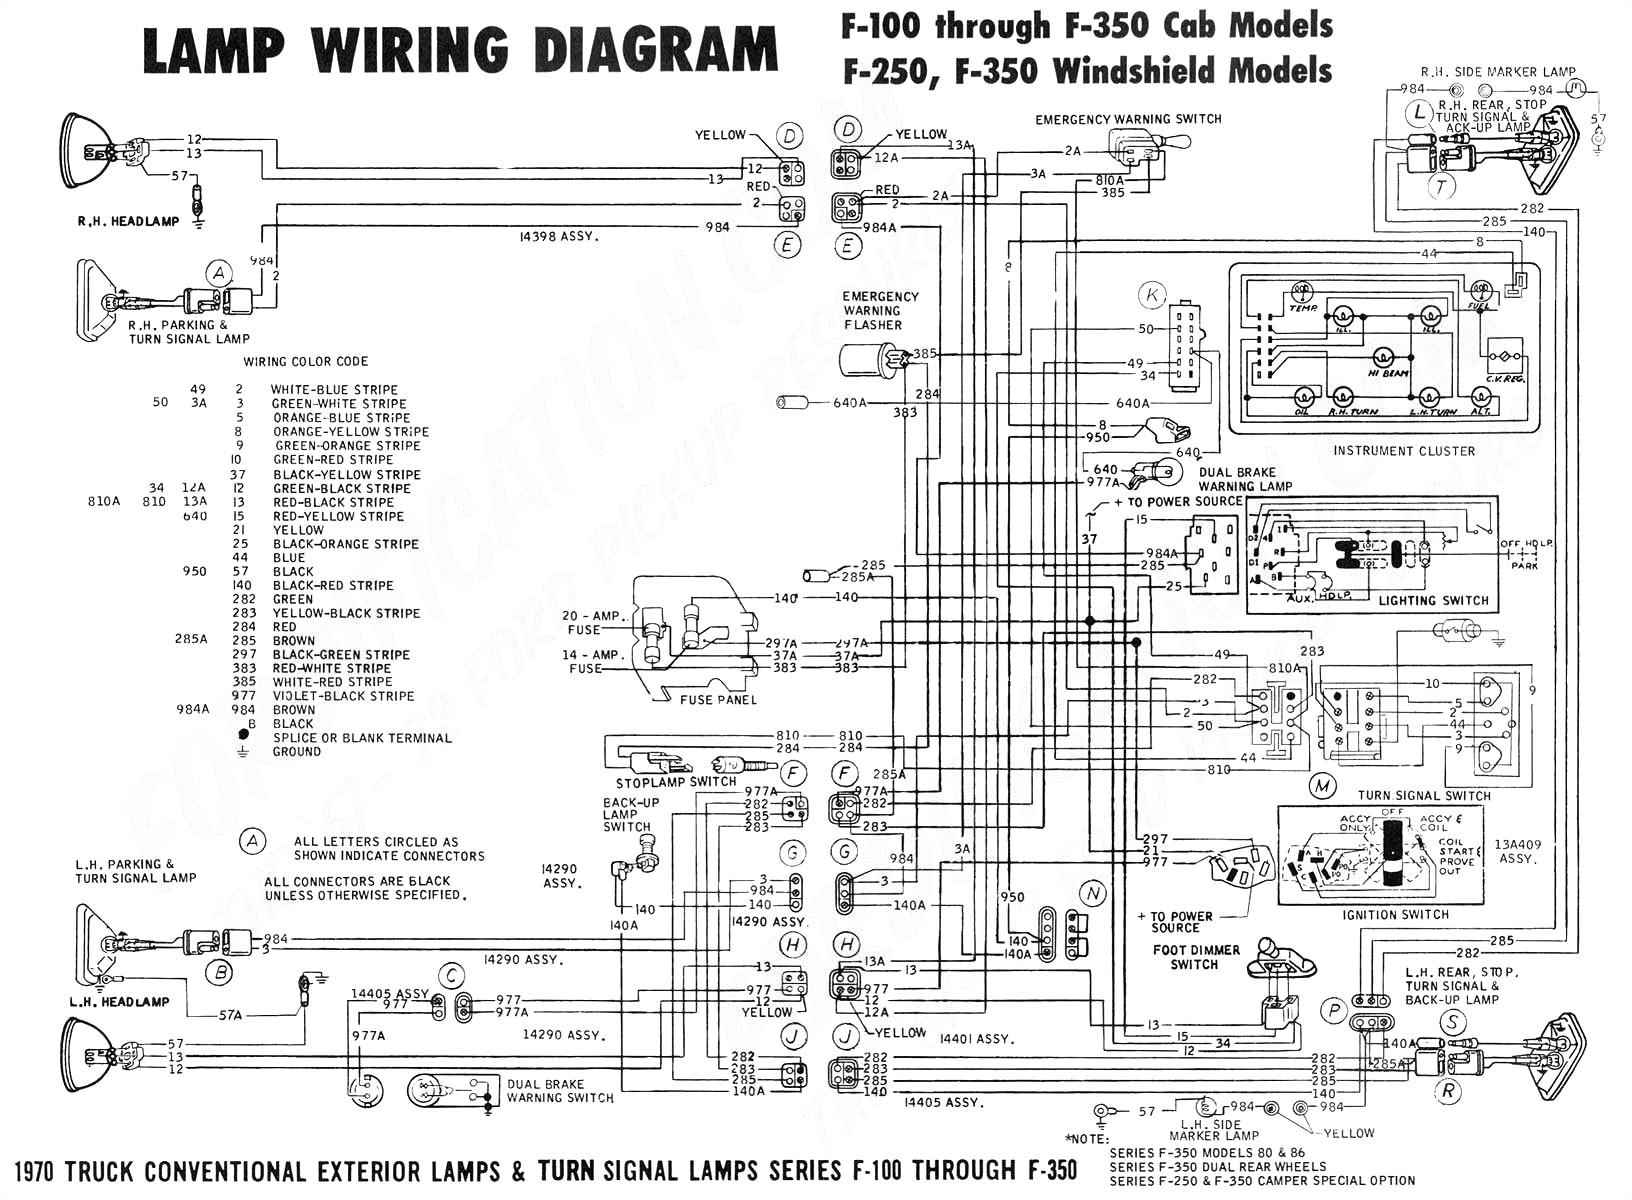 Ford F150 Trailer Wiring Diagram ford F 150 7 Way Wiring Diagram Wiring Diagram Database